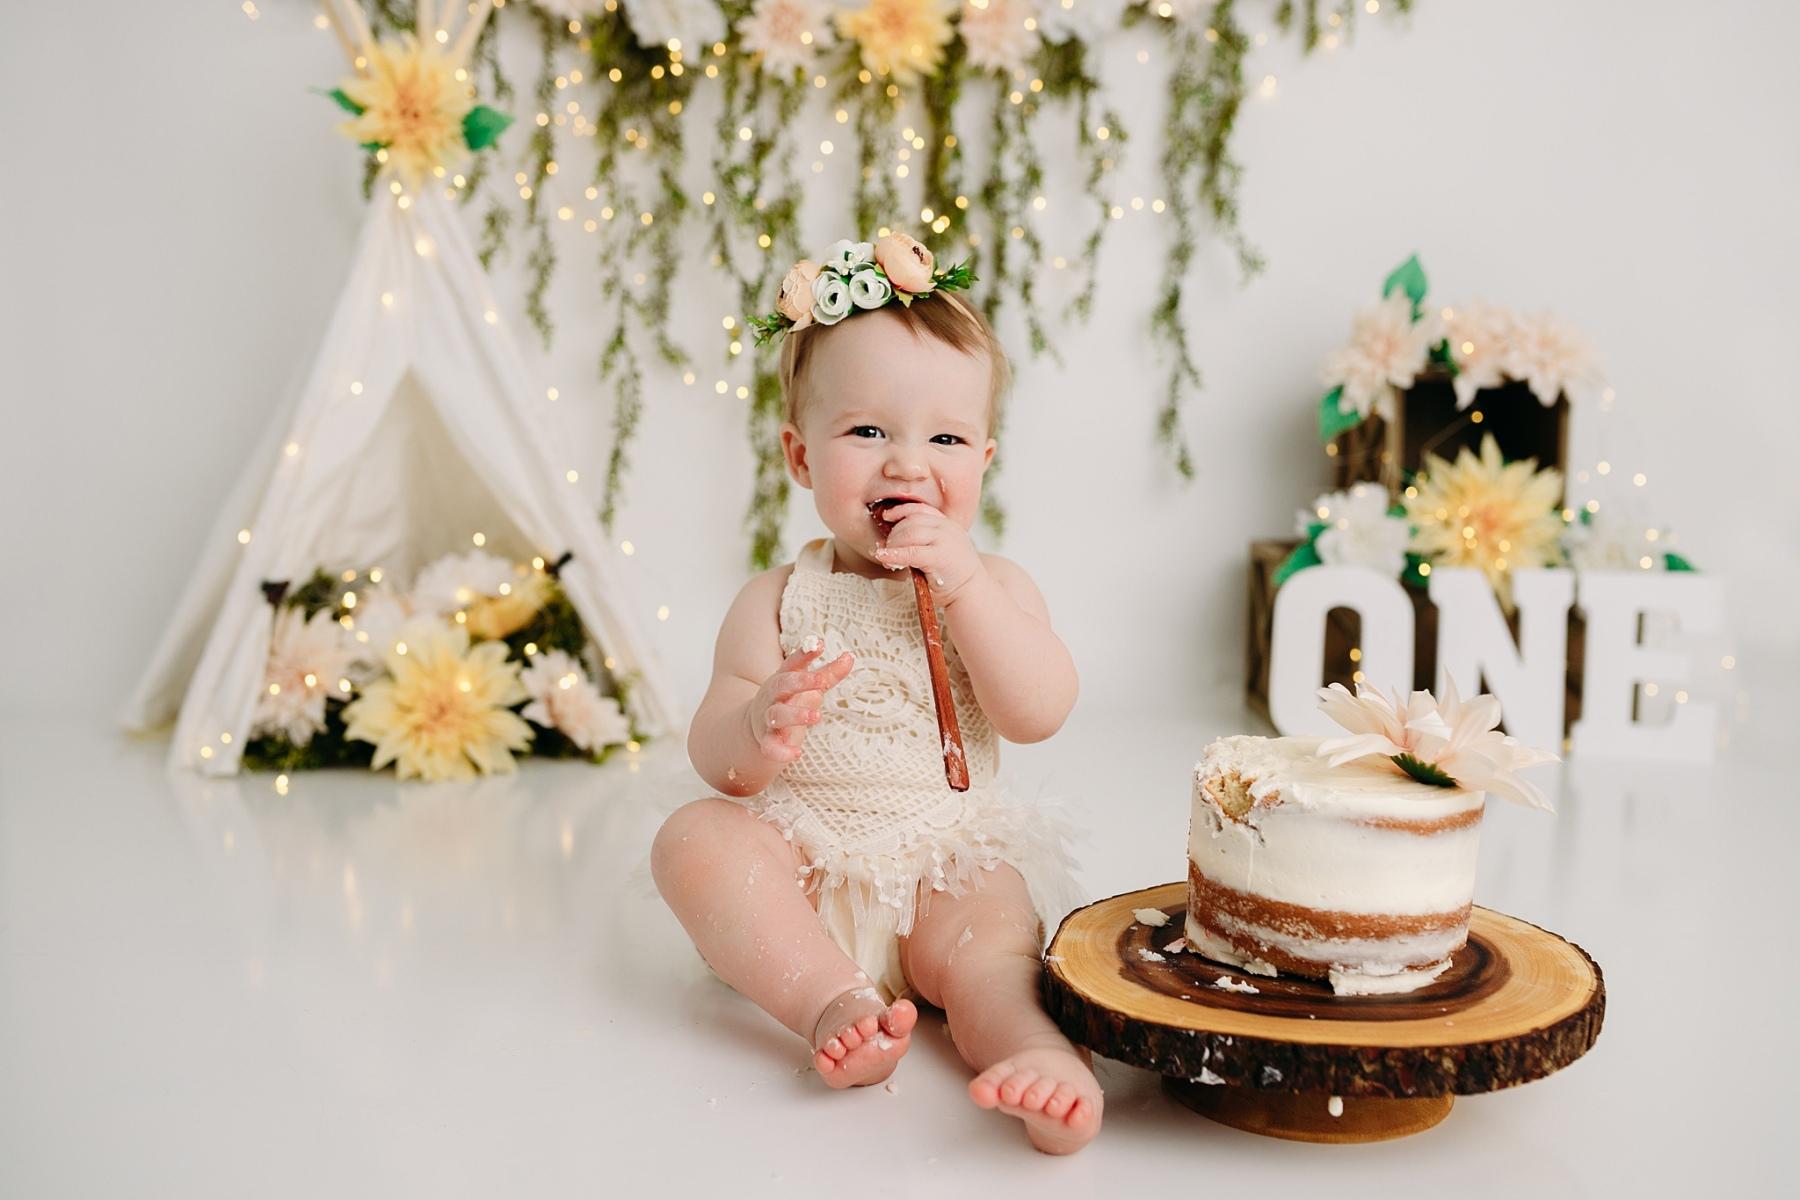 naked cake boho girl cake smash photography studio